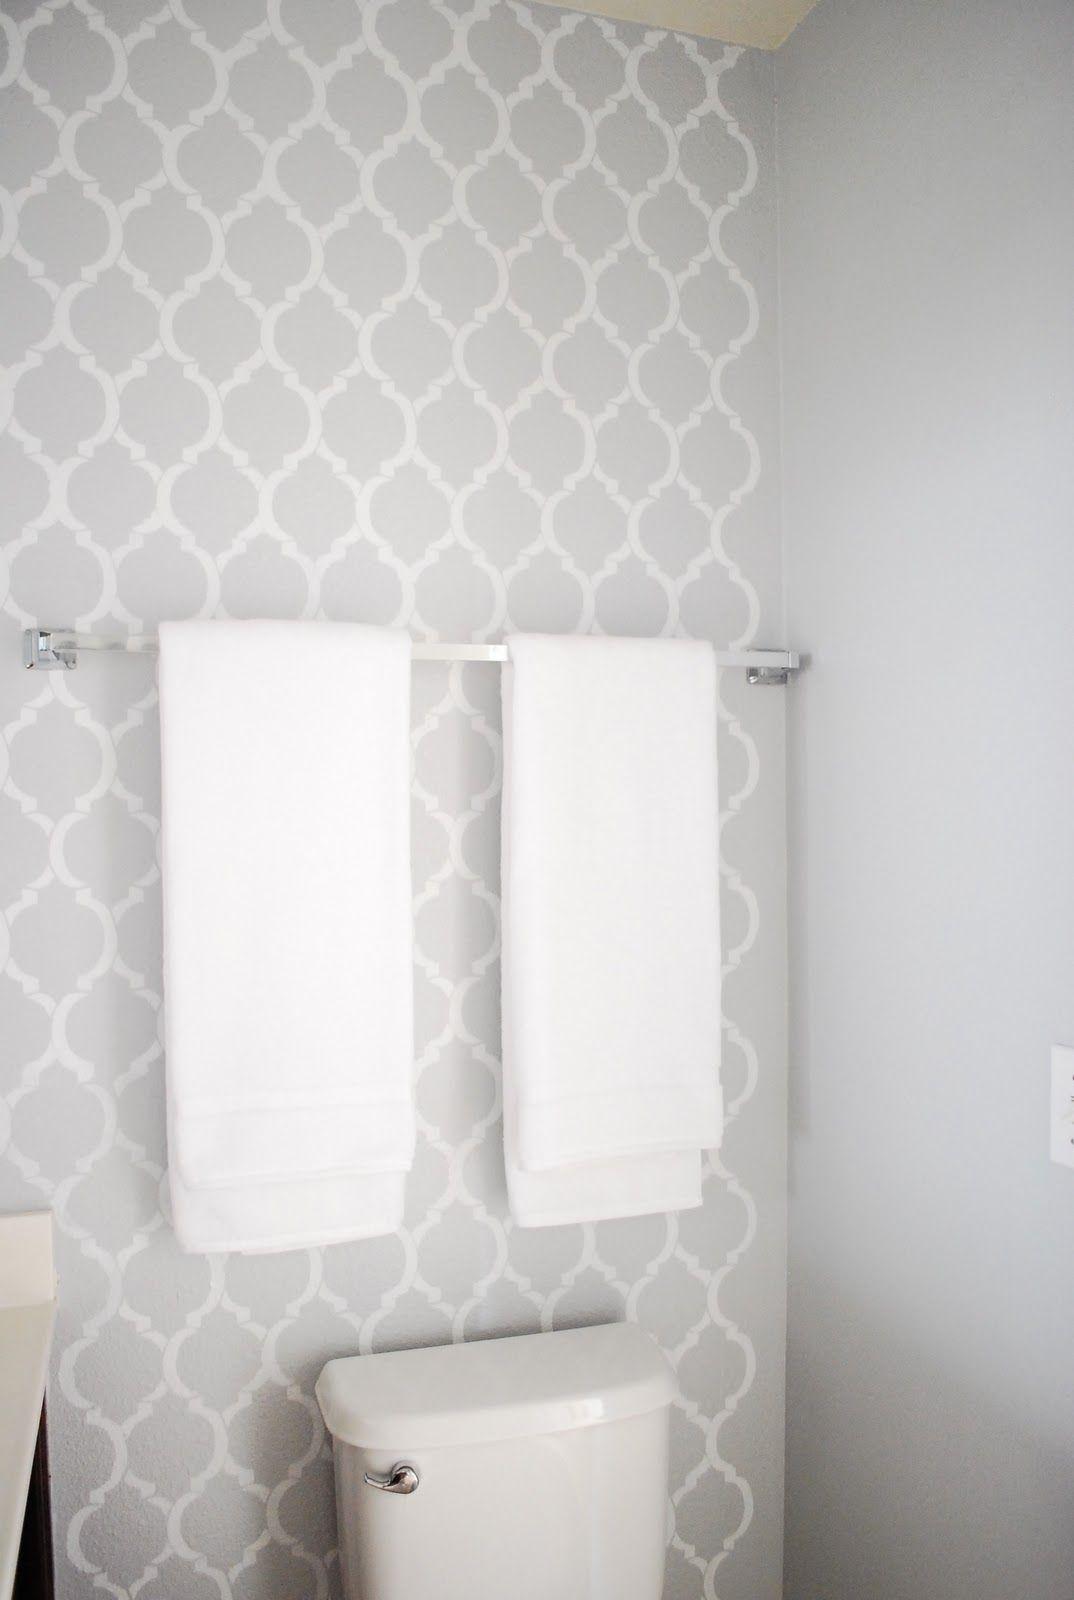 Diy Bathroom Makeover Bathroom Wallpaper Small Bathroom